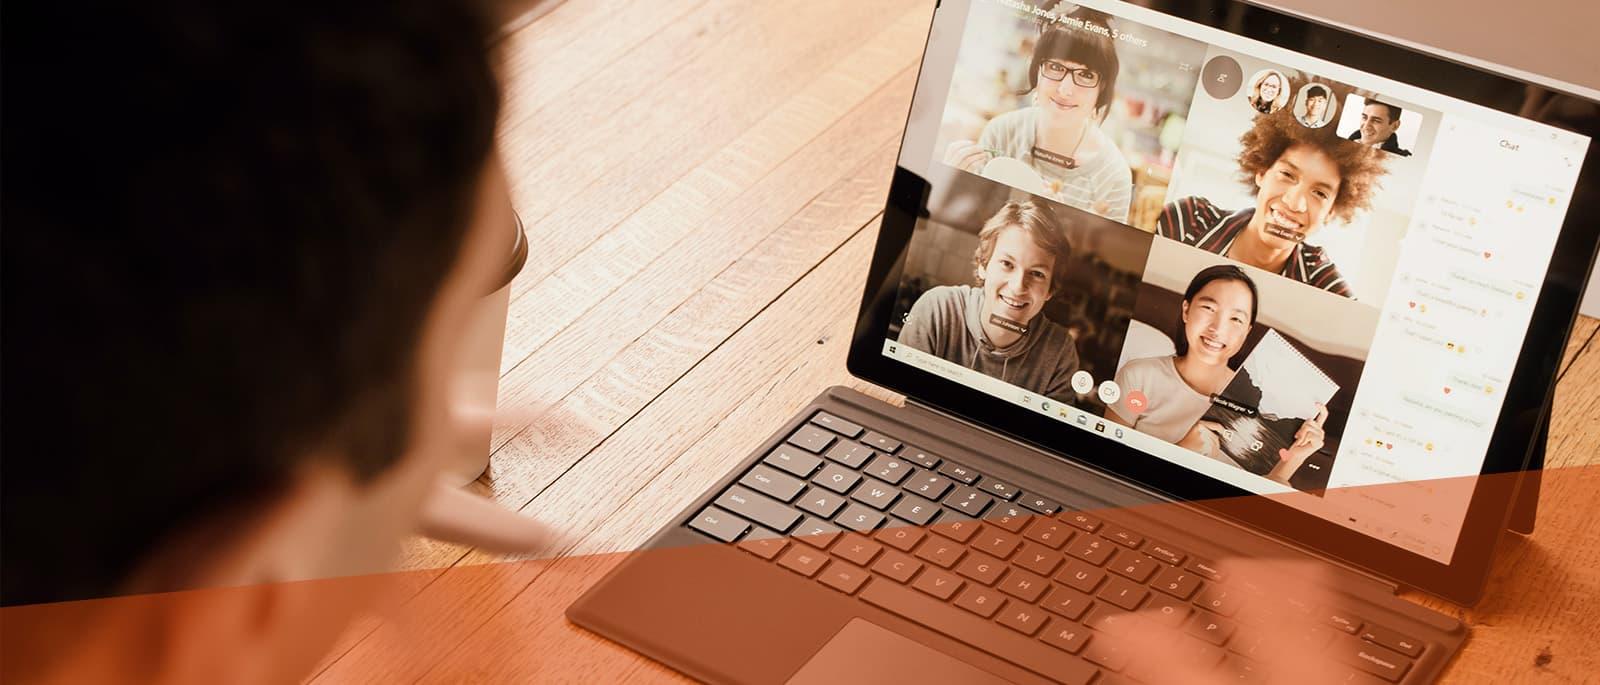 Online reden und überzeugen - Virtuelle Rhetorik